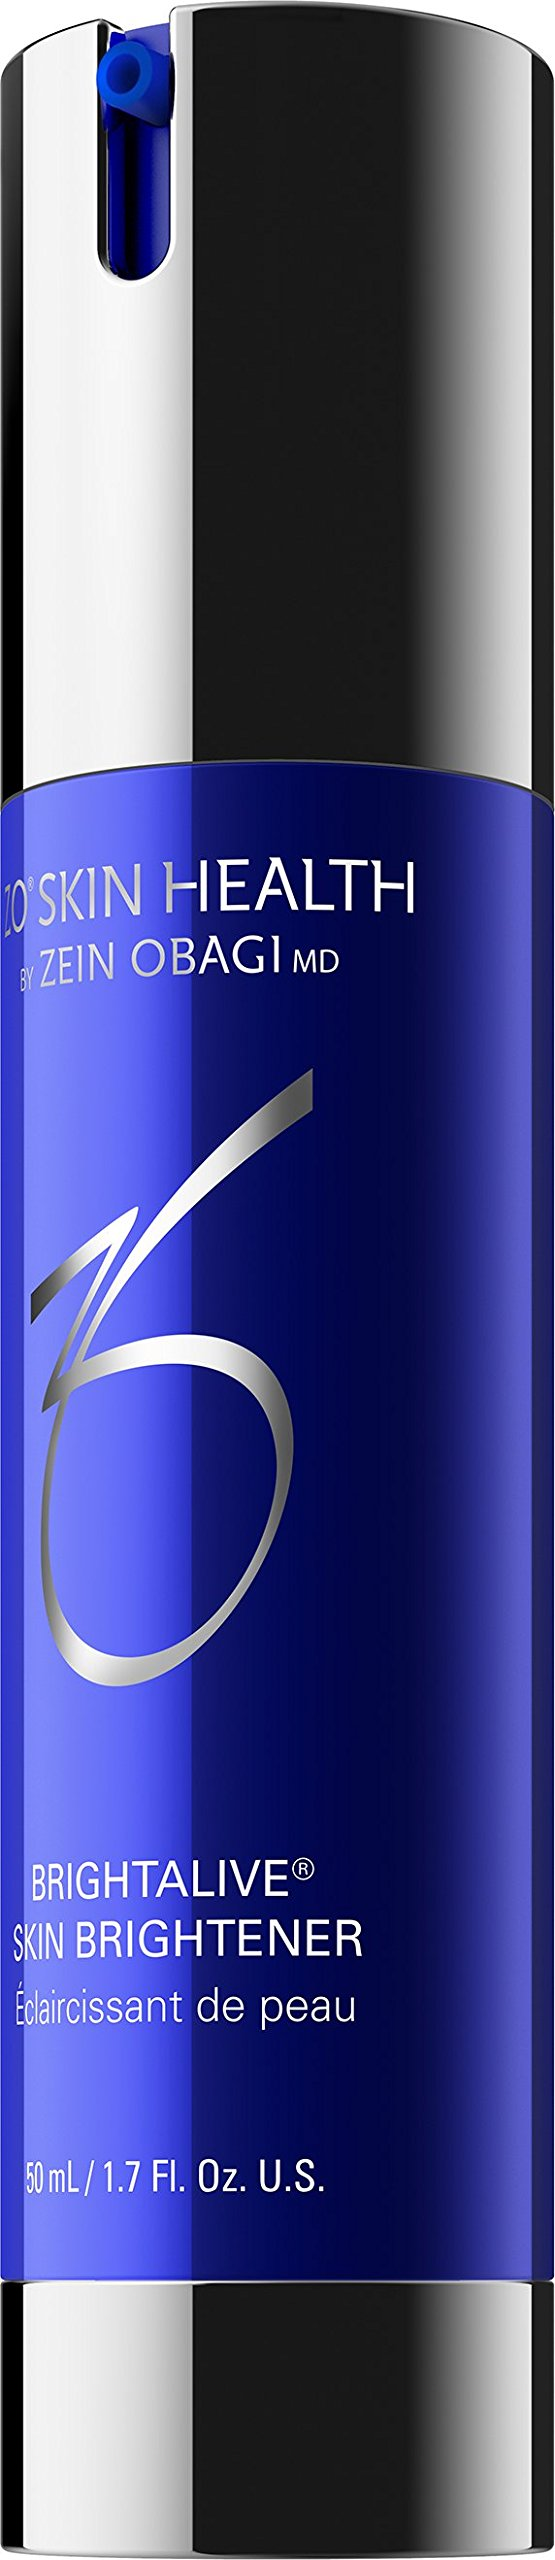 ZO Skin Health Brightalive 1.7oz/50ml by ZO Skin Health